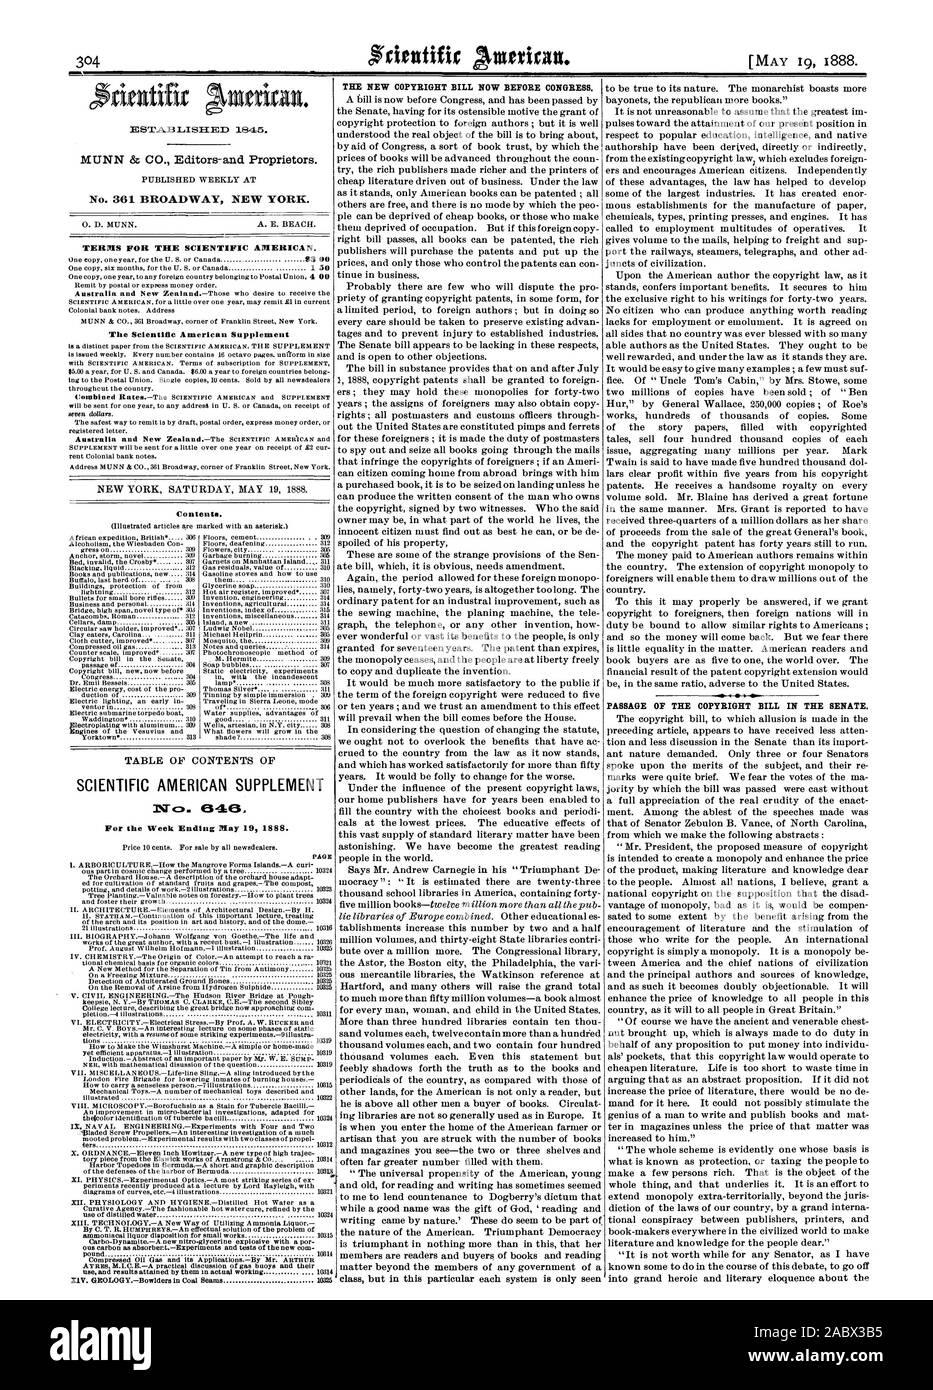 Semana finalizada el 19 de mayo de 1888. La nueva página Copyright Bill ahora ante el Congreso. La APROBACIÓN DE LA LEY DE COPYRIGHT EN EL SENADO., Scientific American, 1888-05-19 Foto de stock